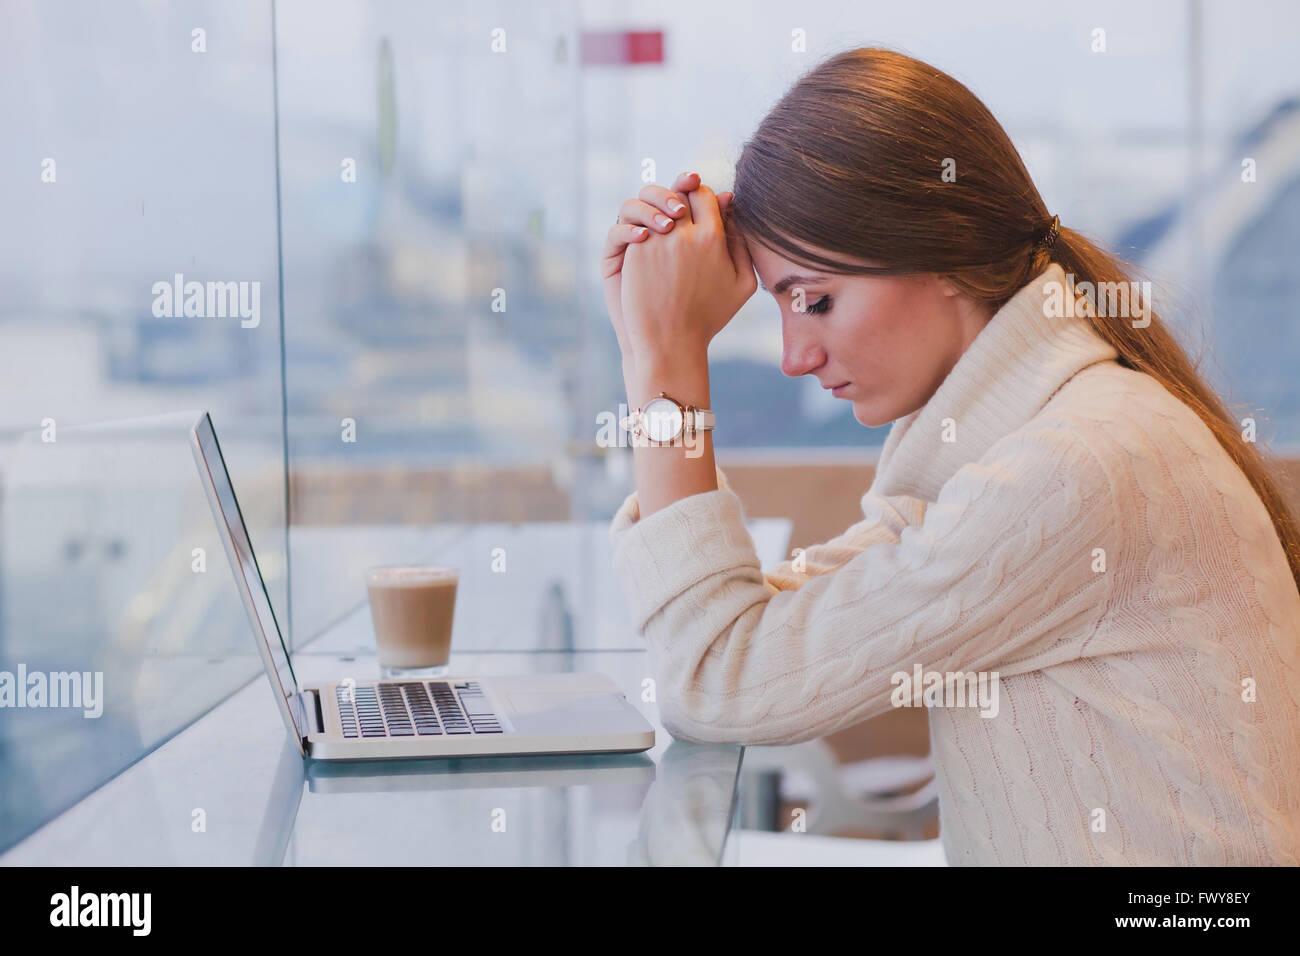 Concept de chômage, un problème, une femme fatiguée triste en face de l'ordinateur portable à Photo Stock